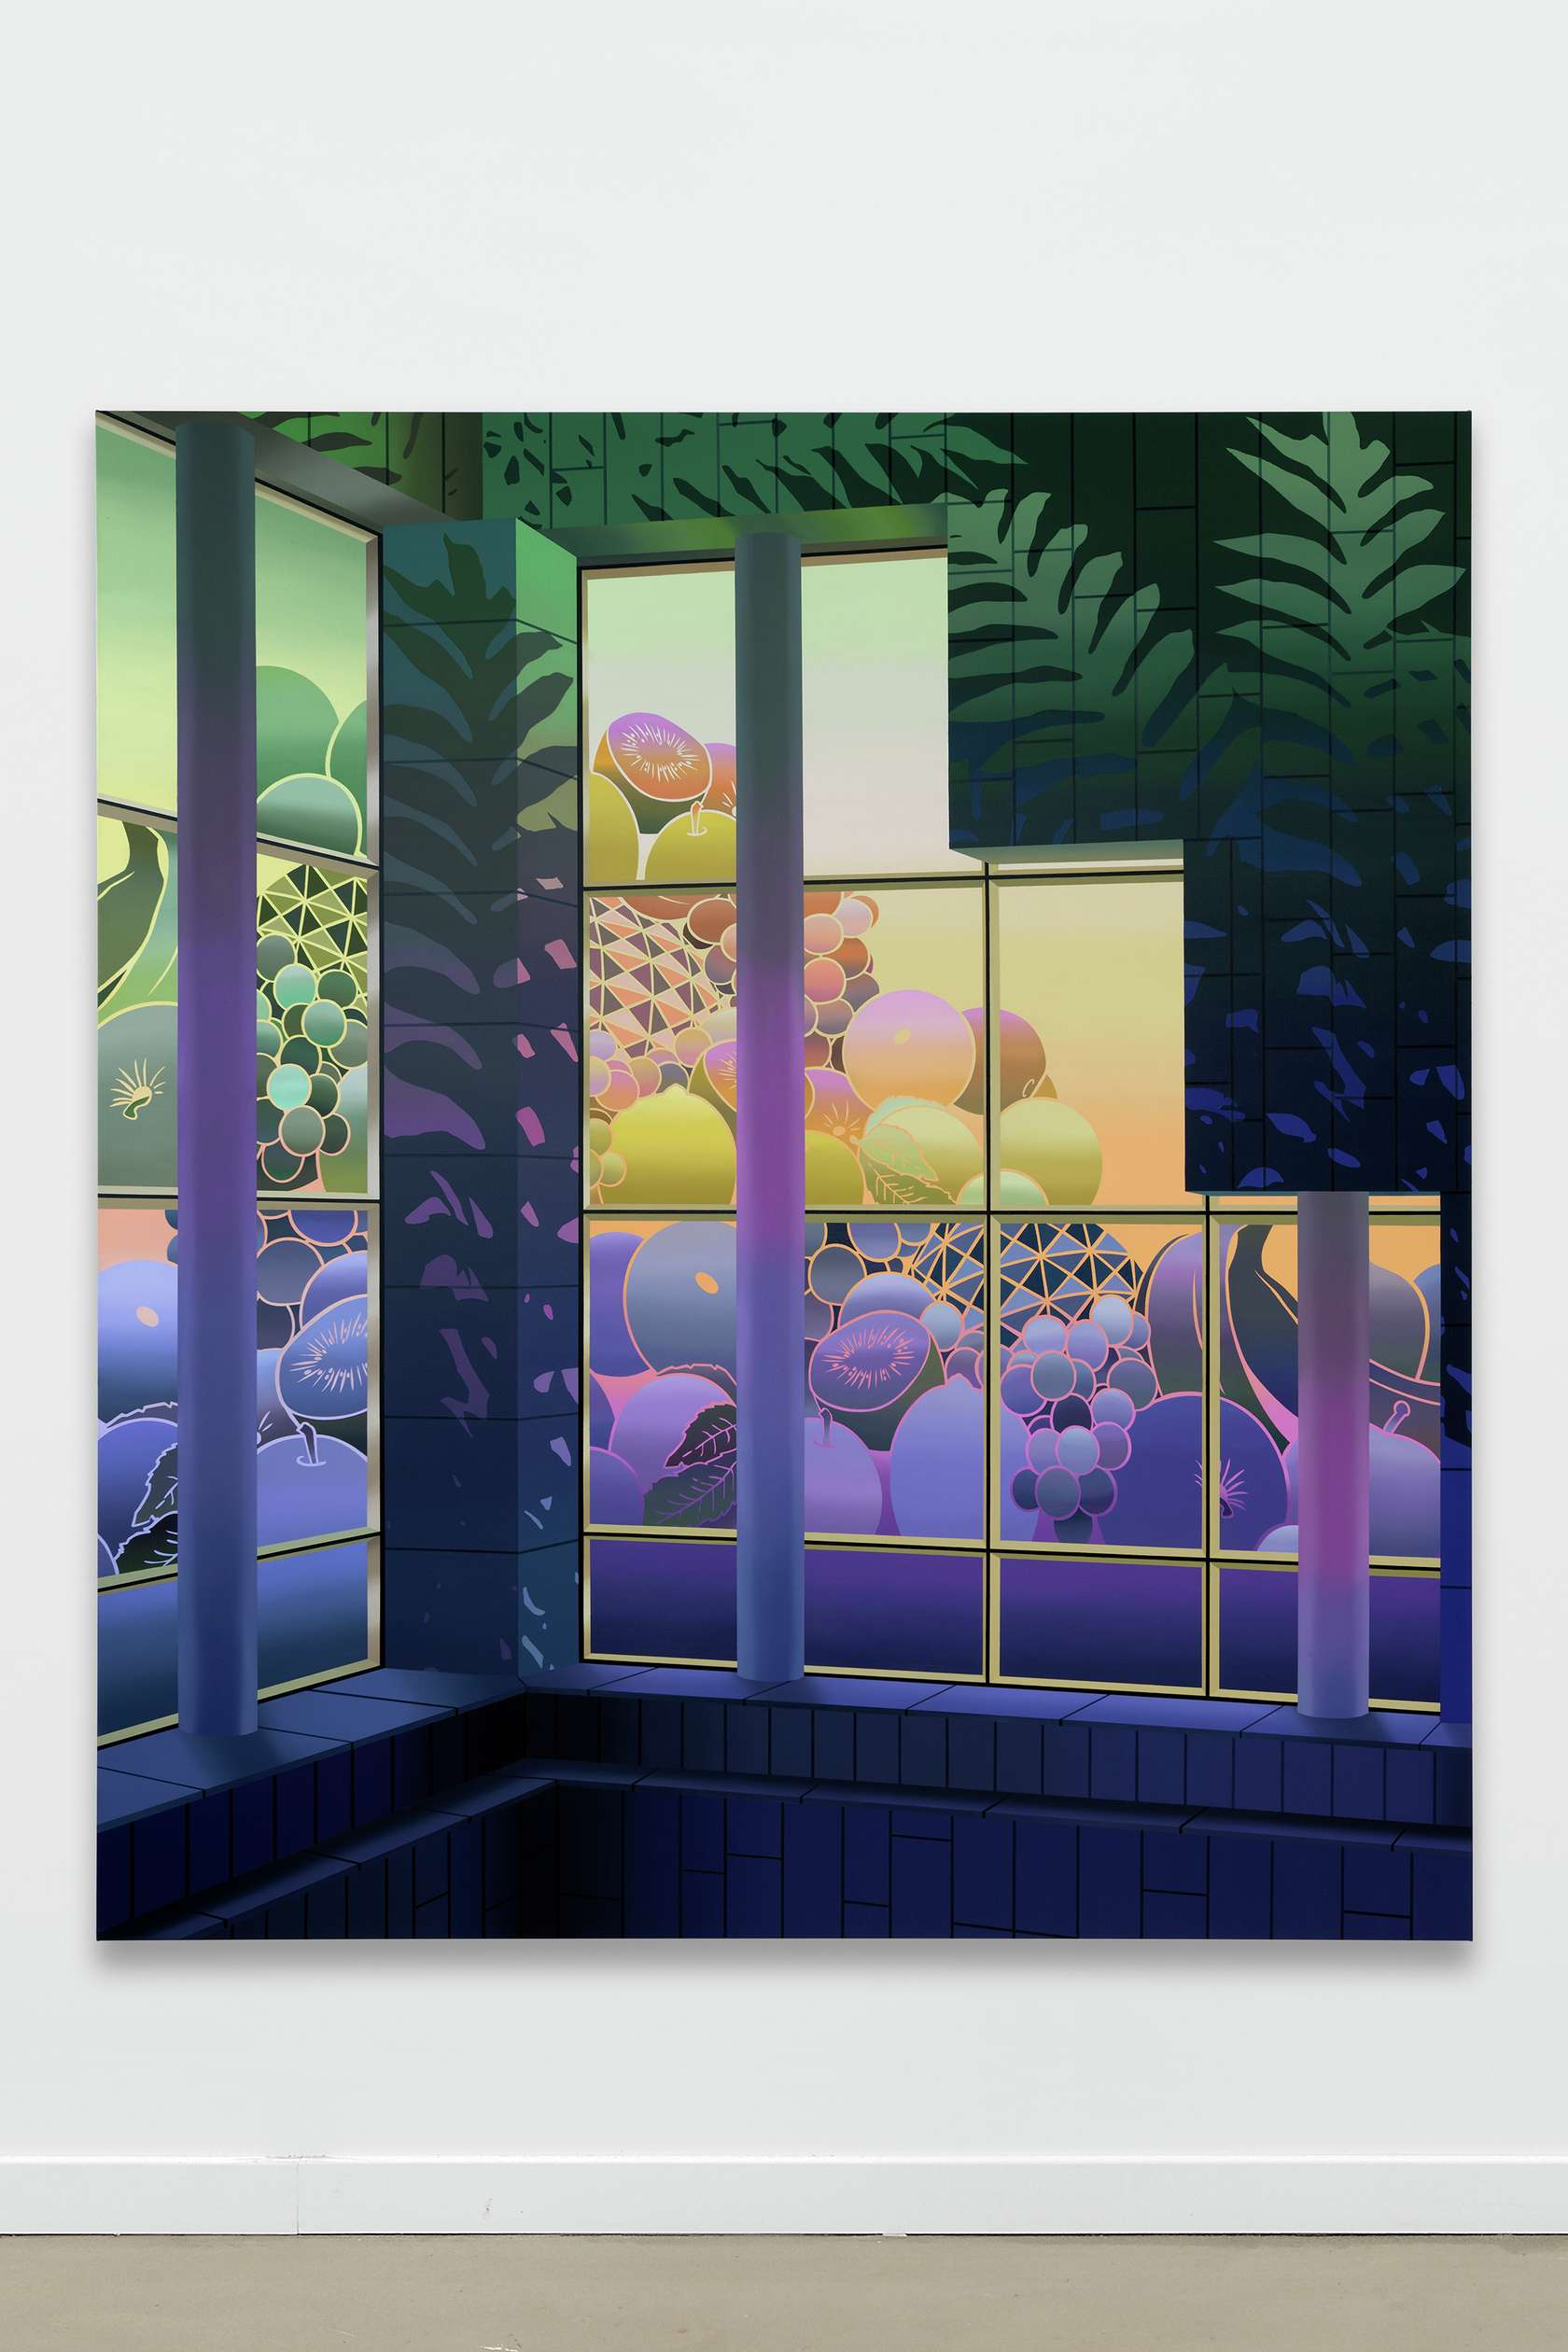 Amélie Bertrand, Cosmic soup, 2019 Huile sur toile200 x 180cm / 78 6/8 x 70 7/8inches